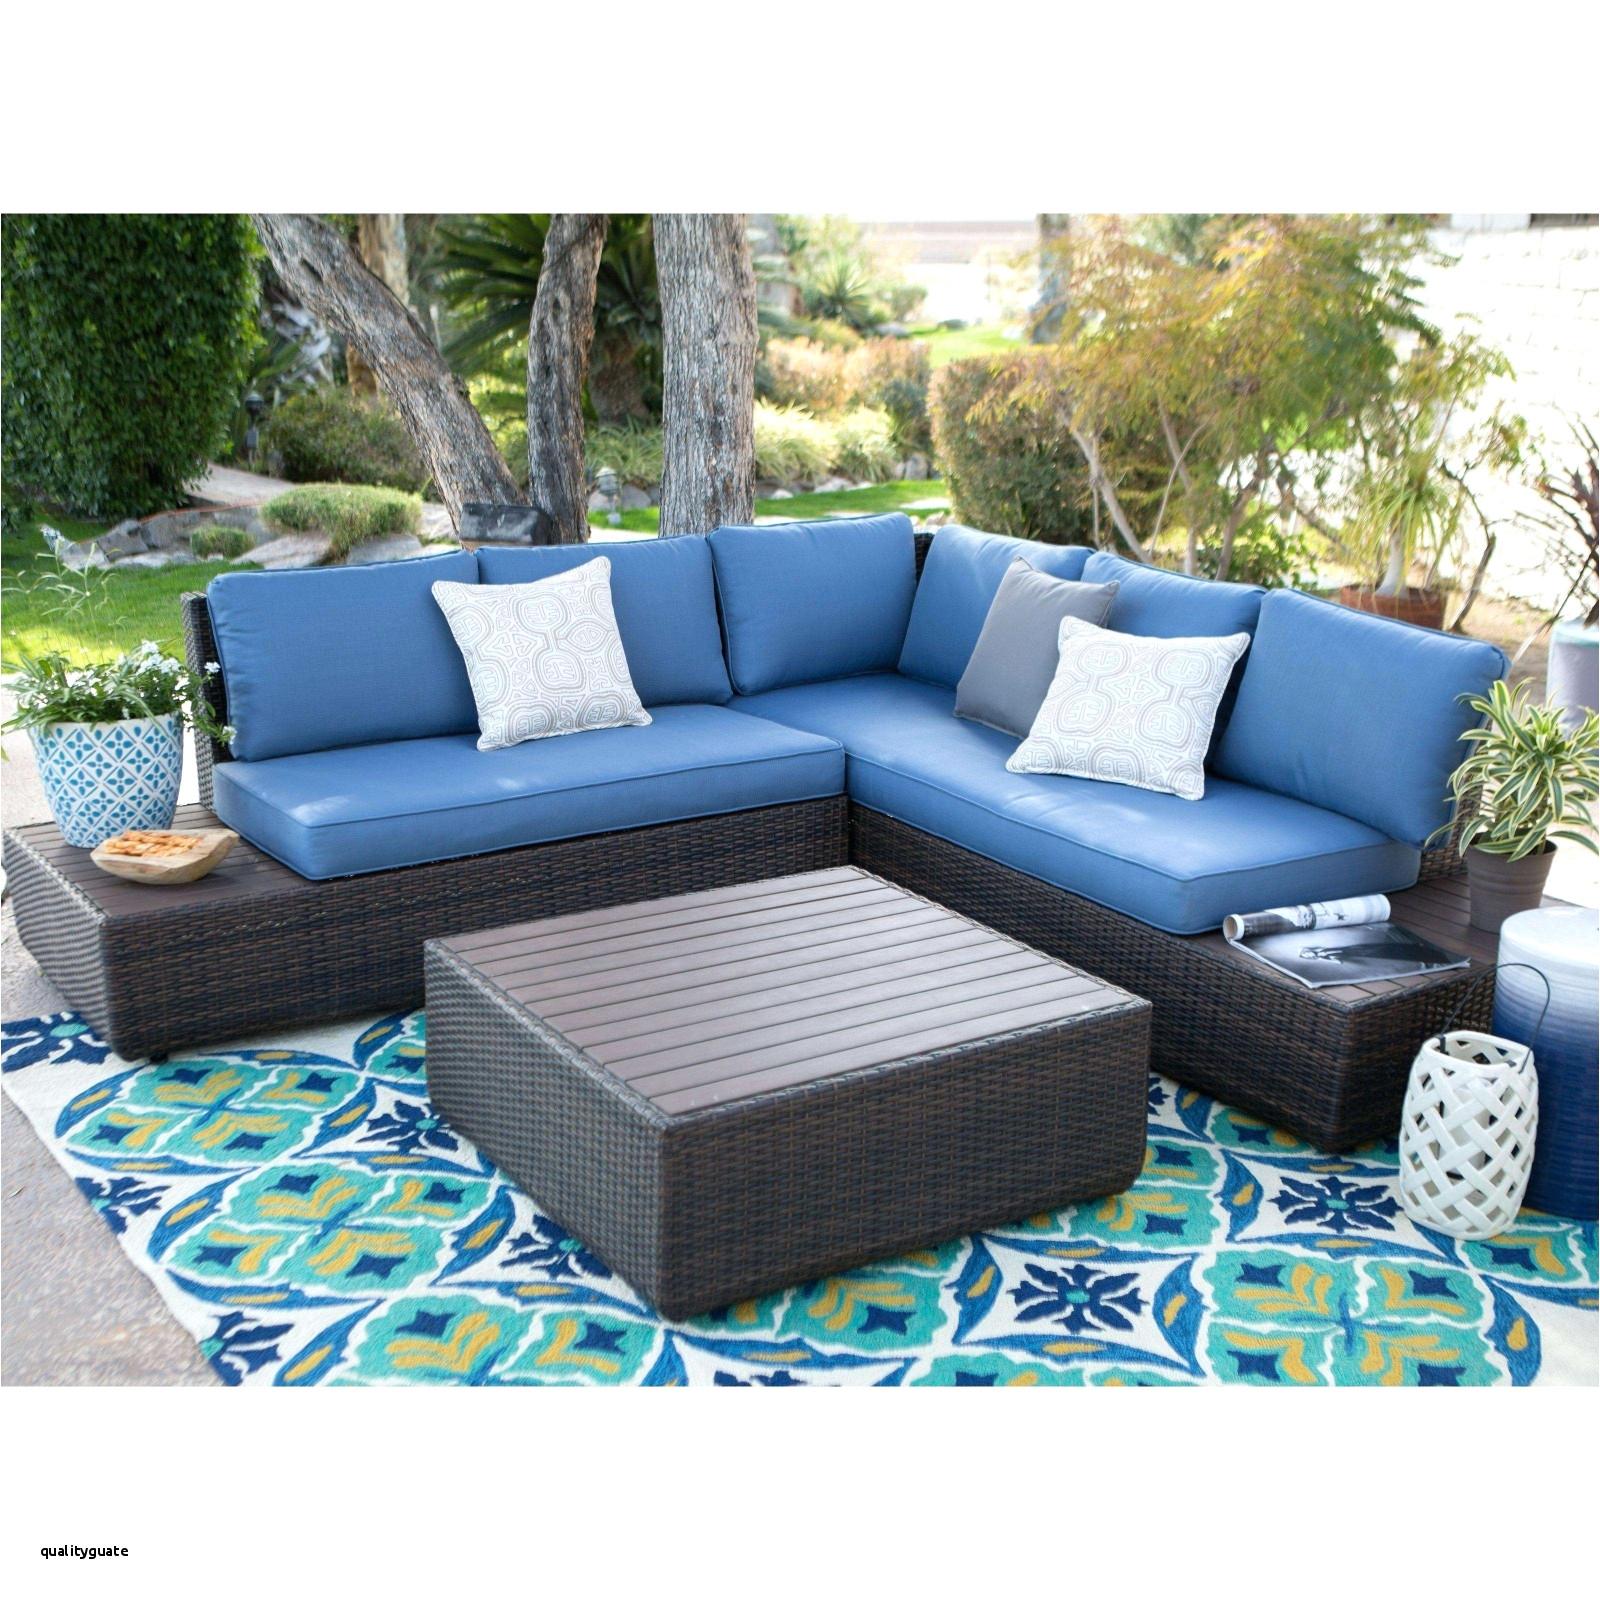 sofa table elegant dark wood sofa table unique unique furniture stores 20 sofa table 0d